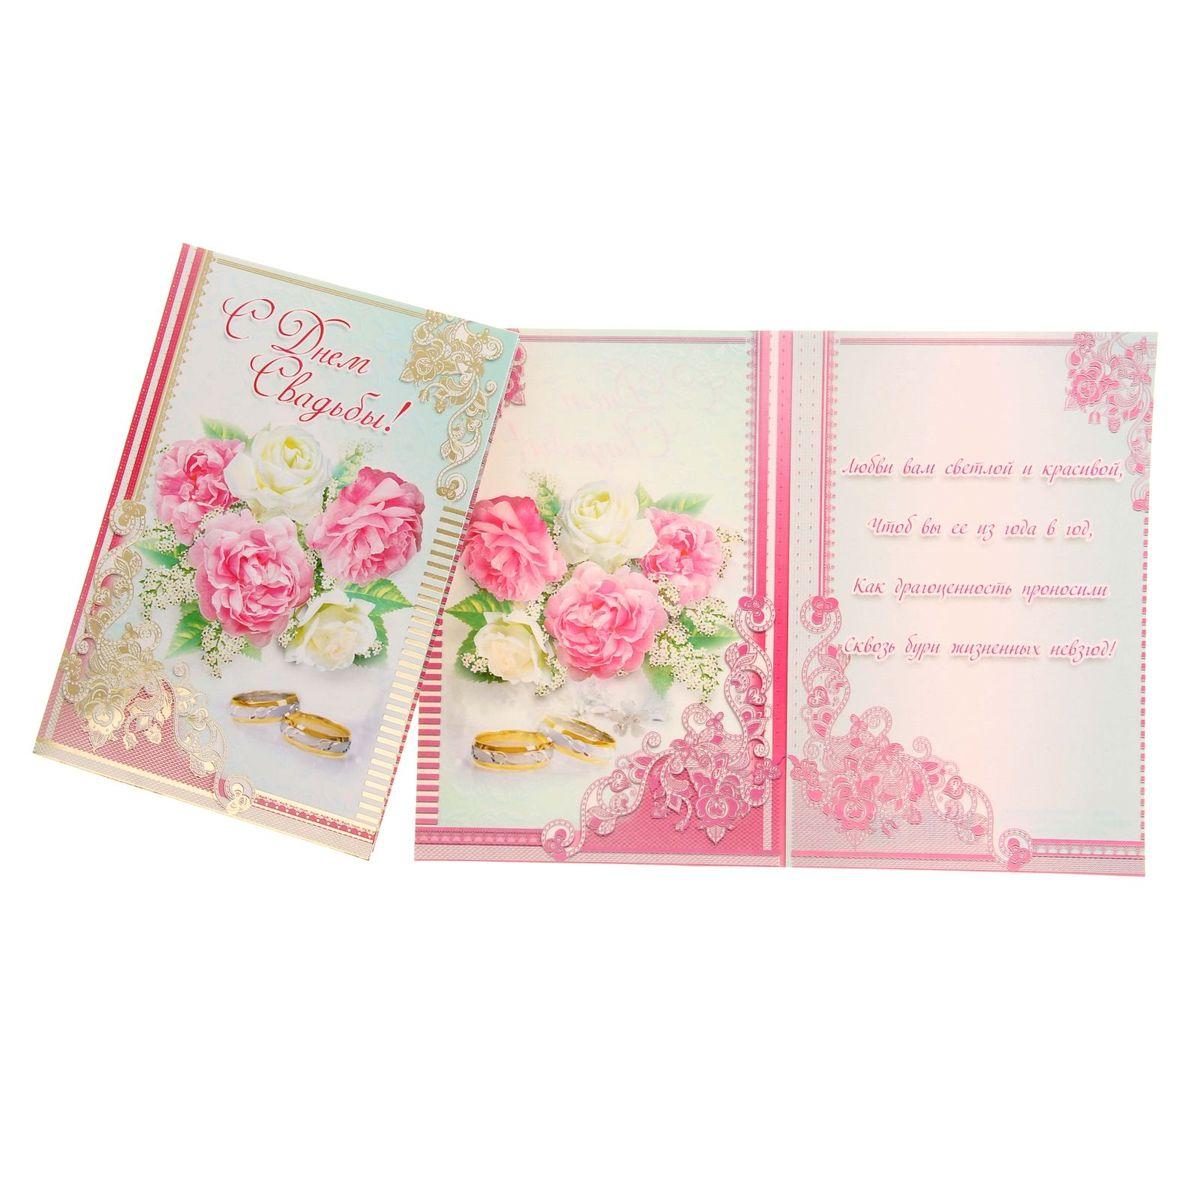 Открытка Sima-land С днем свадьбы! Розы1110941Если вы хотите порадовать себя или близких, создать праздничное настроение и с улыбкой провести памятный день, то вы, несомненно, сделали правильный выбор! Открытка Sima-land С днем свадьбы! Розы, выполненная из плотной бумаги, отличается не только оригинальным дизайном, но и высоким качеством.Лицевая сторона изделия оформлена ярким изображением. Внутри открытка содержит текст с поздравлением.Такая открытка непременно порадует получателя и станет отличным напоминанием о проведенном вместе времени.